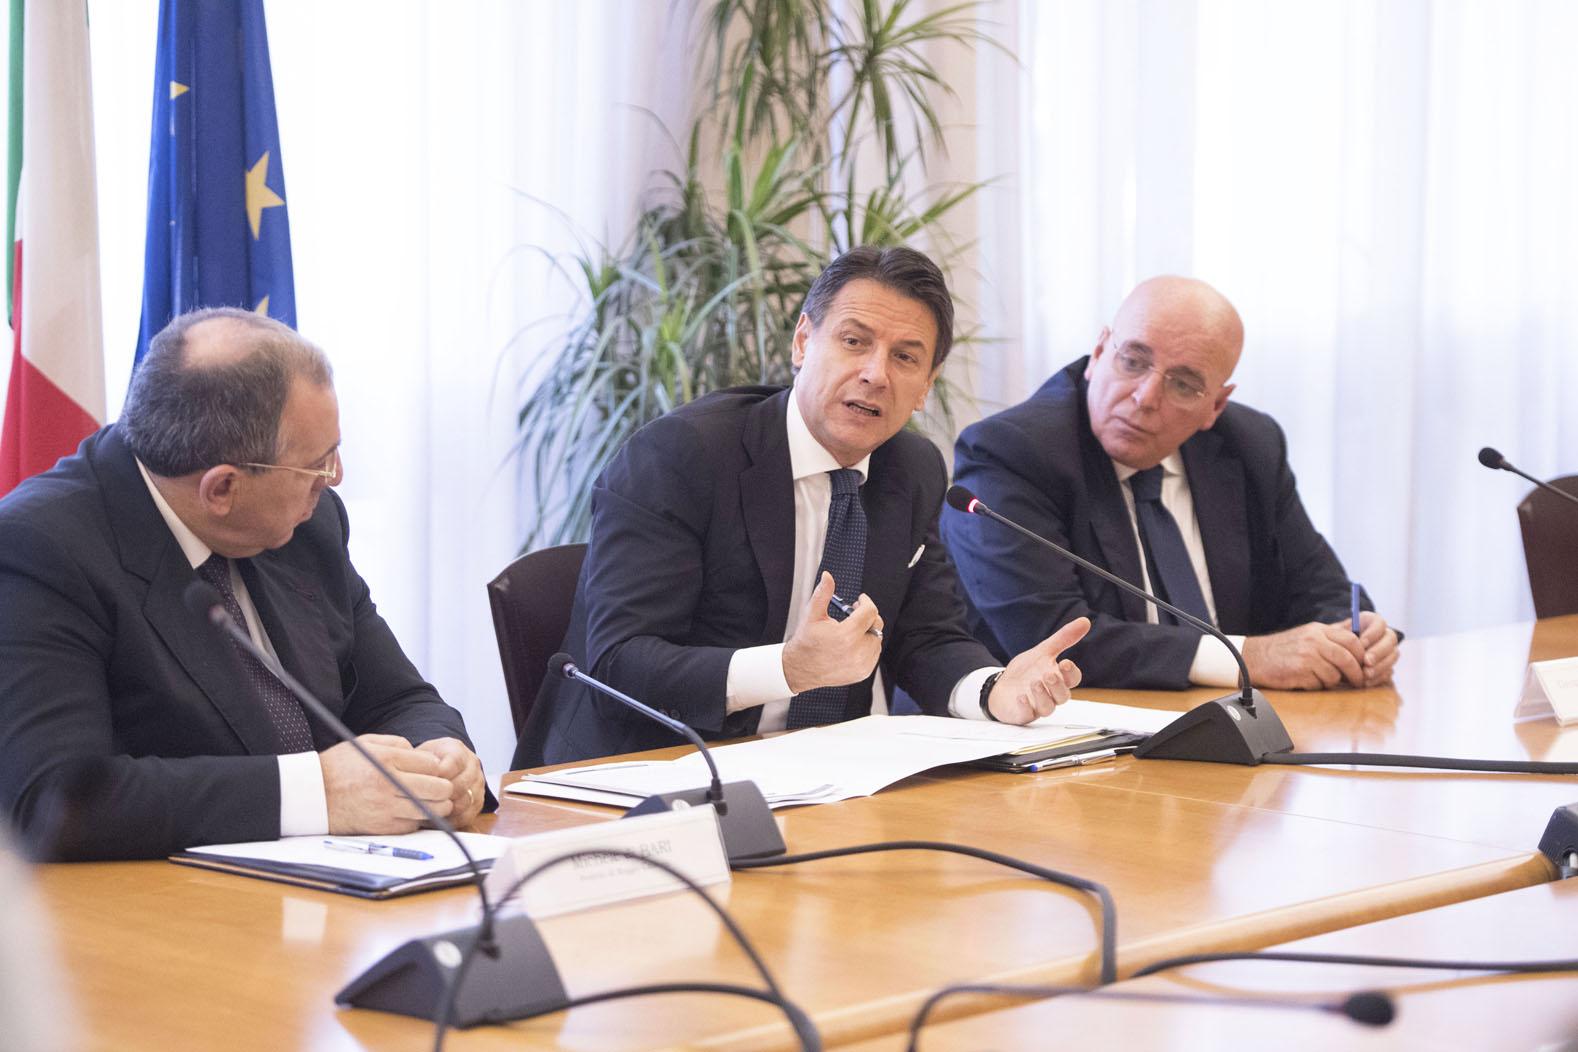 Mafia: il Presidente Conte a Napoli dai giornalisti minacciati